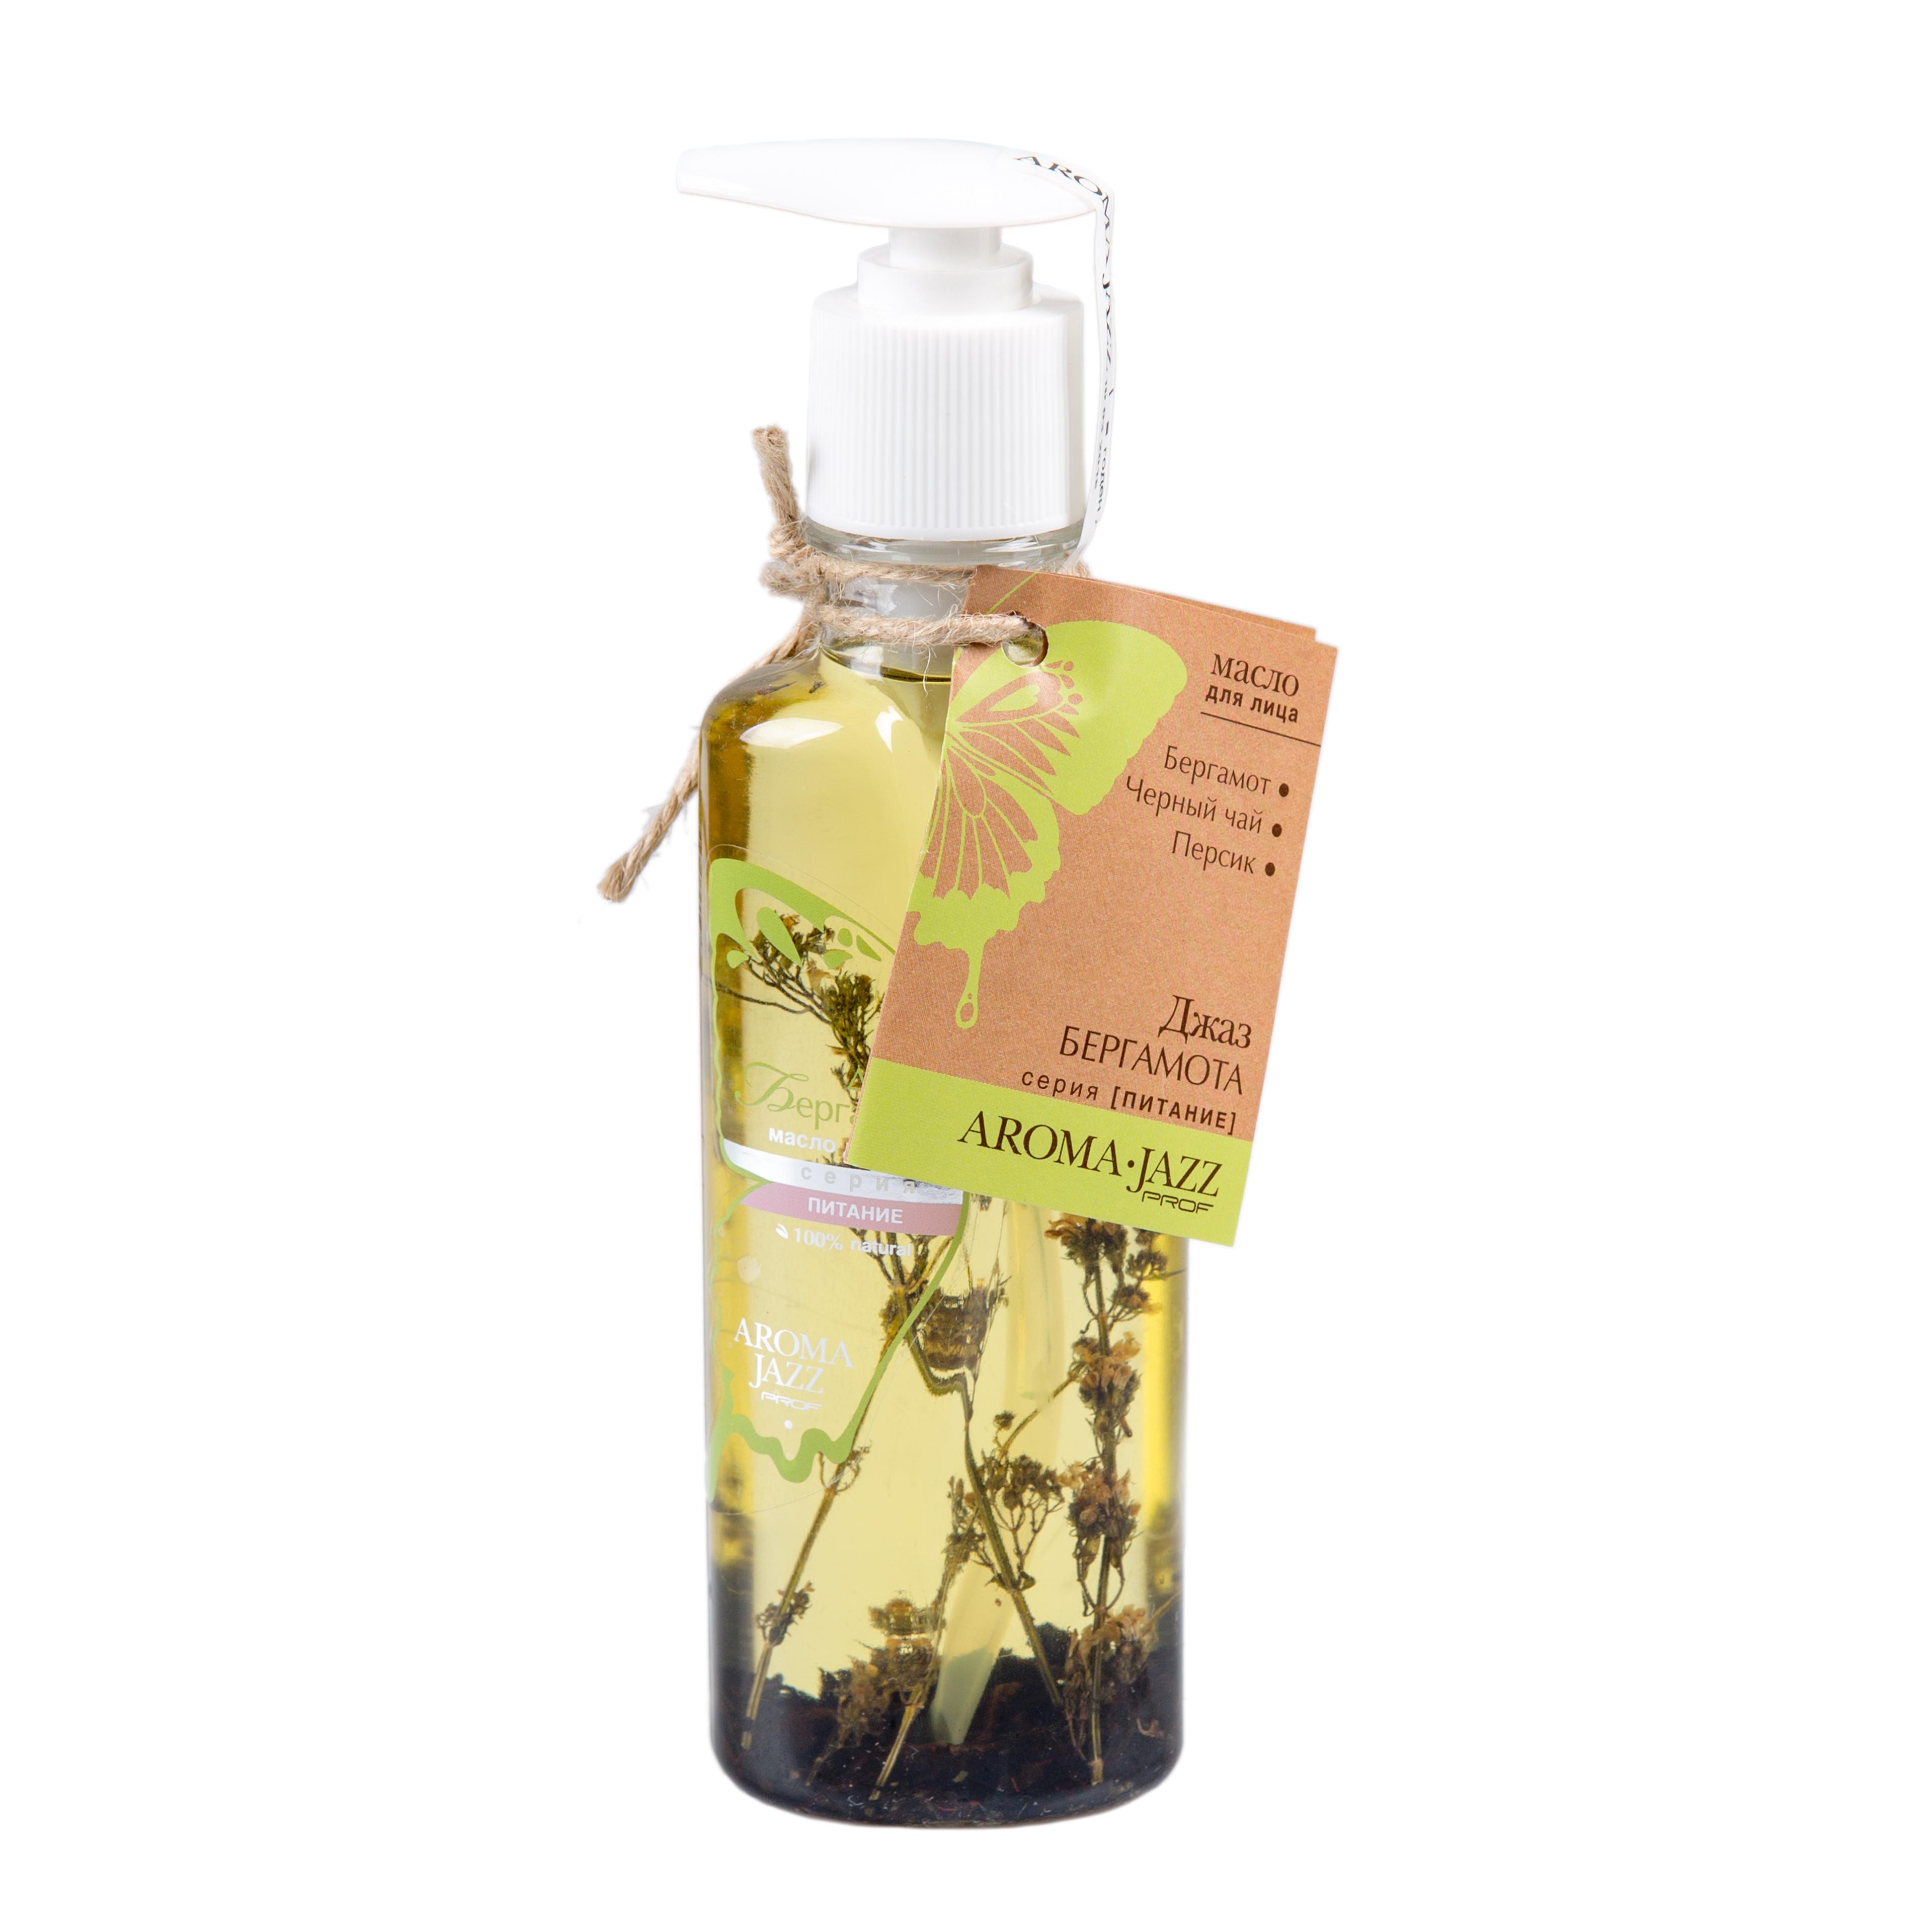 AROMA JAZZ Масло массажное жидкое для лица Джаз бергамота 200млМасла<br>Масло стимулирует обменные процессы в клетках кожи за счет улучшения клеточного дыхания , защищает от негативных воздействий окружающей среды, устраняет вялость и дряблость кожи. Активные ингредиенты: масла оливы, персика, пальмы, кокоса, растительное масло с витамином Е, эфирное масло бергамота, экстракты бергамота и черного чая. Способ применения: рекомендовано для массажа лица. Также подходит для нанесения на очищенную кожу в качестве питающего и увлажняющего средства после душа и SPA-процедур в салоне и дома; обязательно использование помпы и одноразового белья.<br><br>Объем: 350<br>Вид средства для лица: Массажное